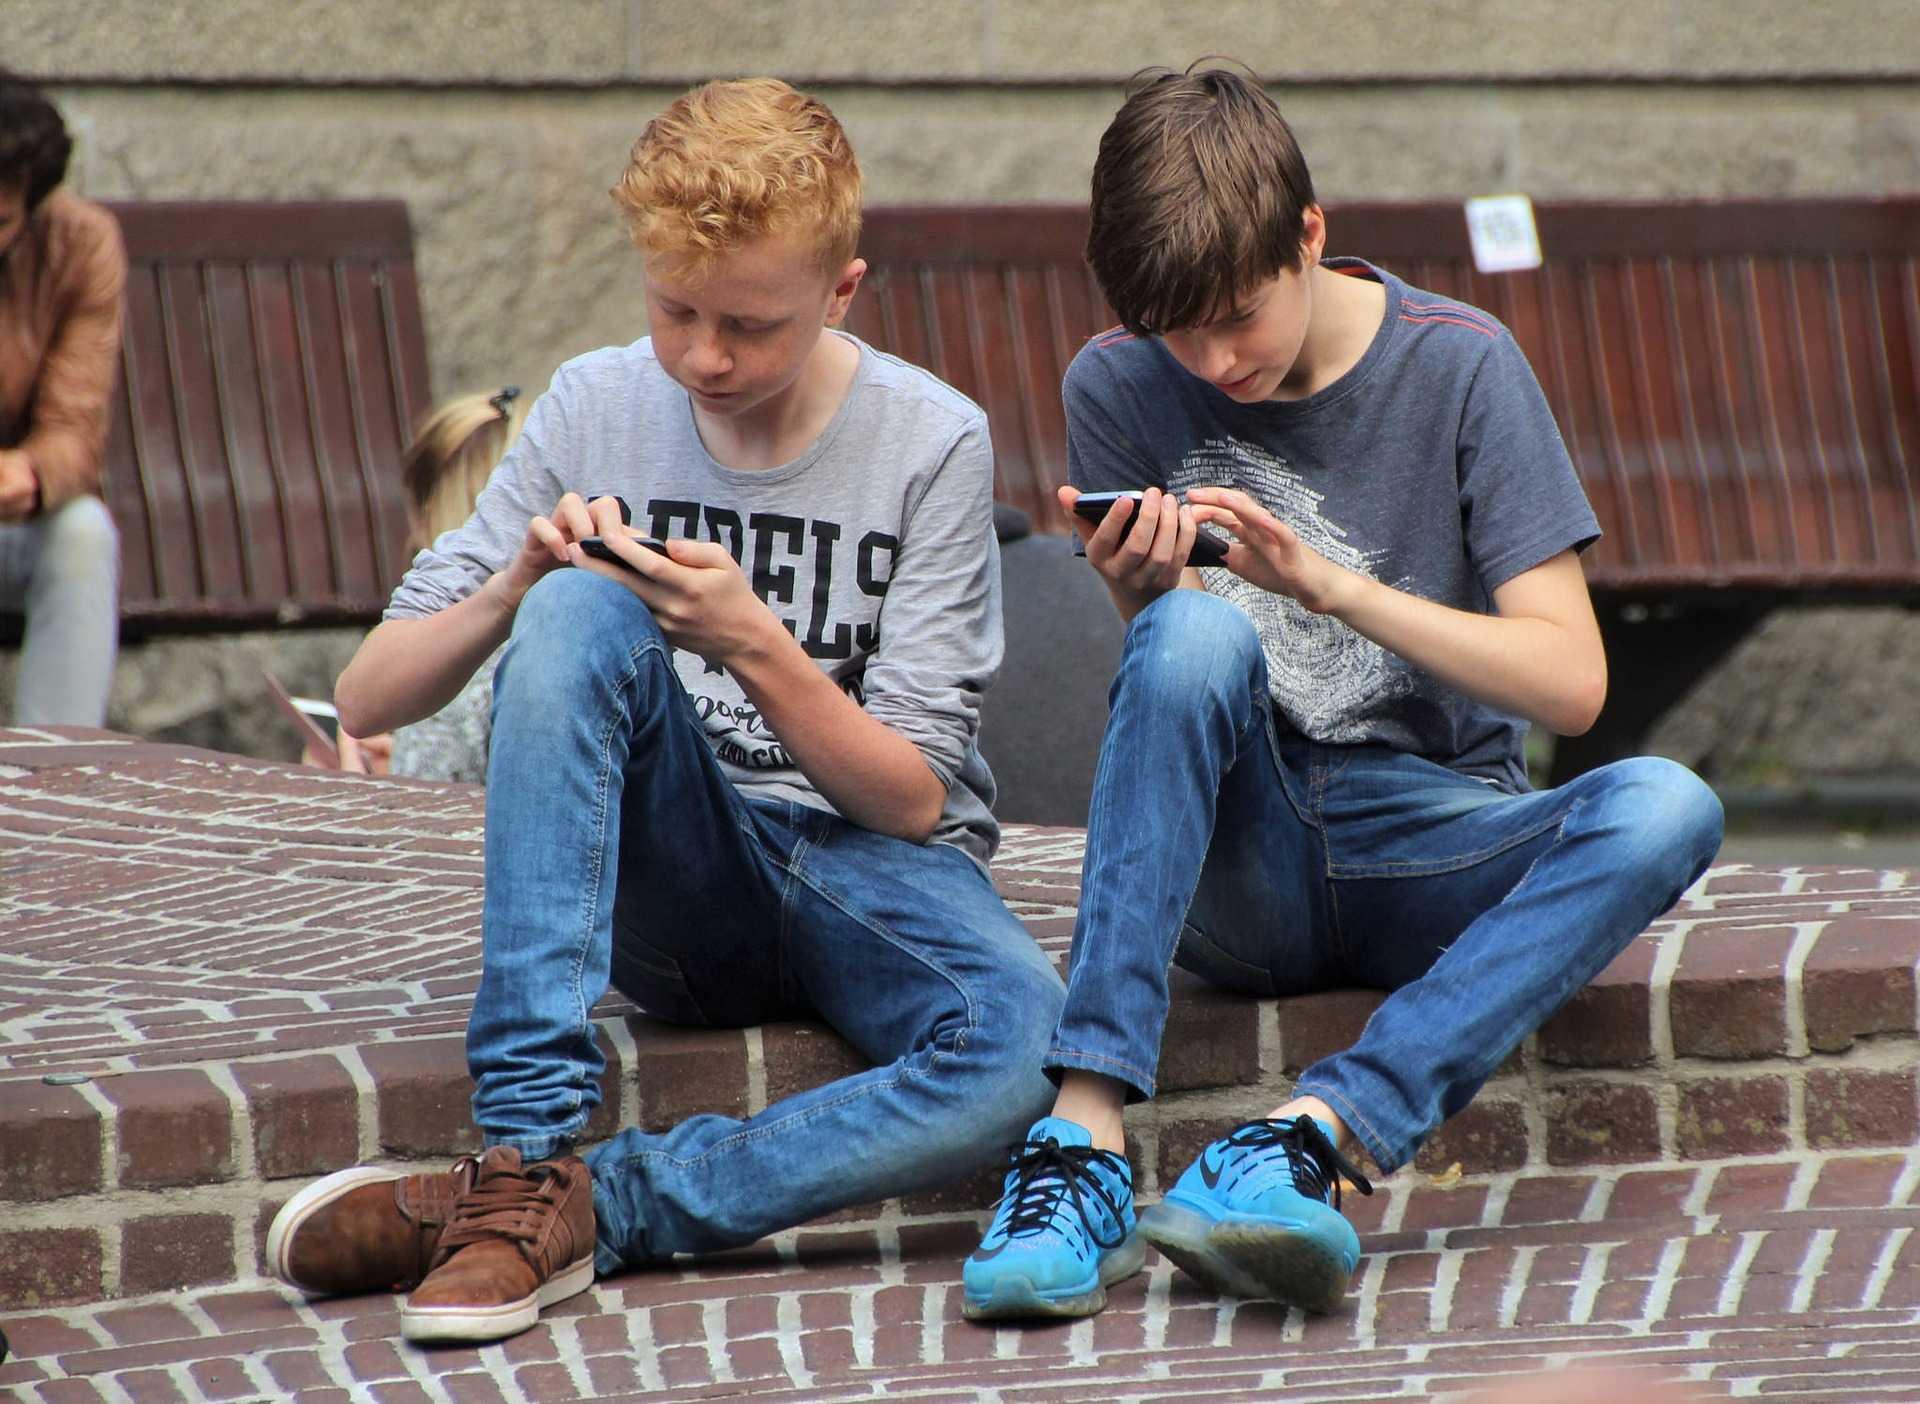 Český rozhlas Plus: Před pubertou nejvýš dvě hodiny u počítače denně